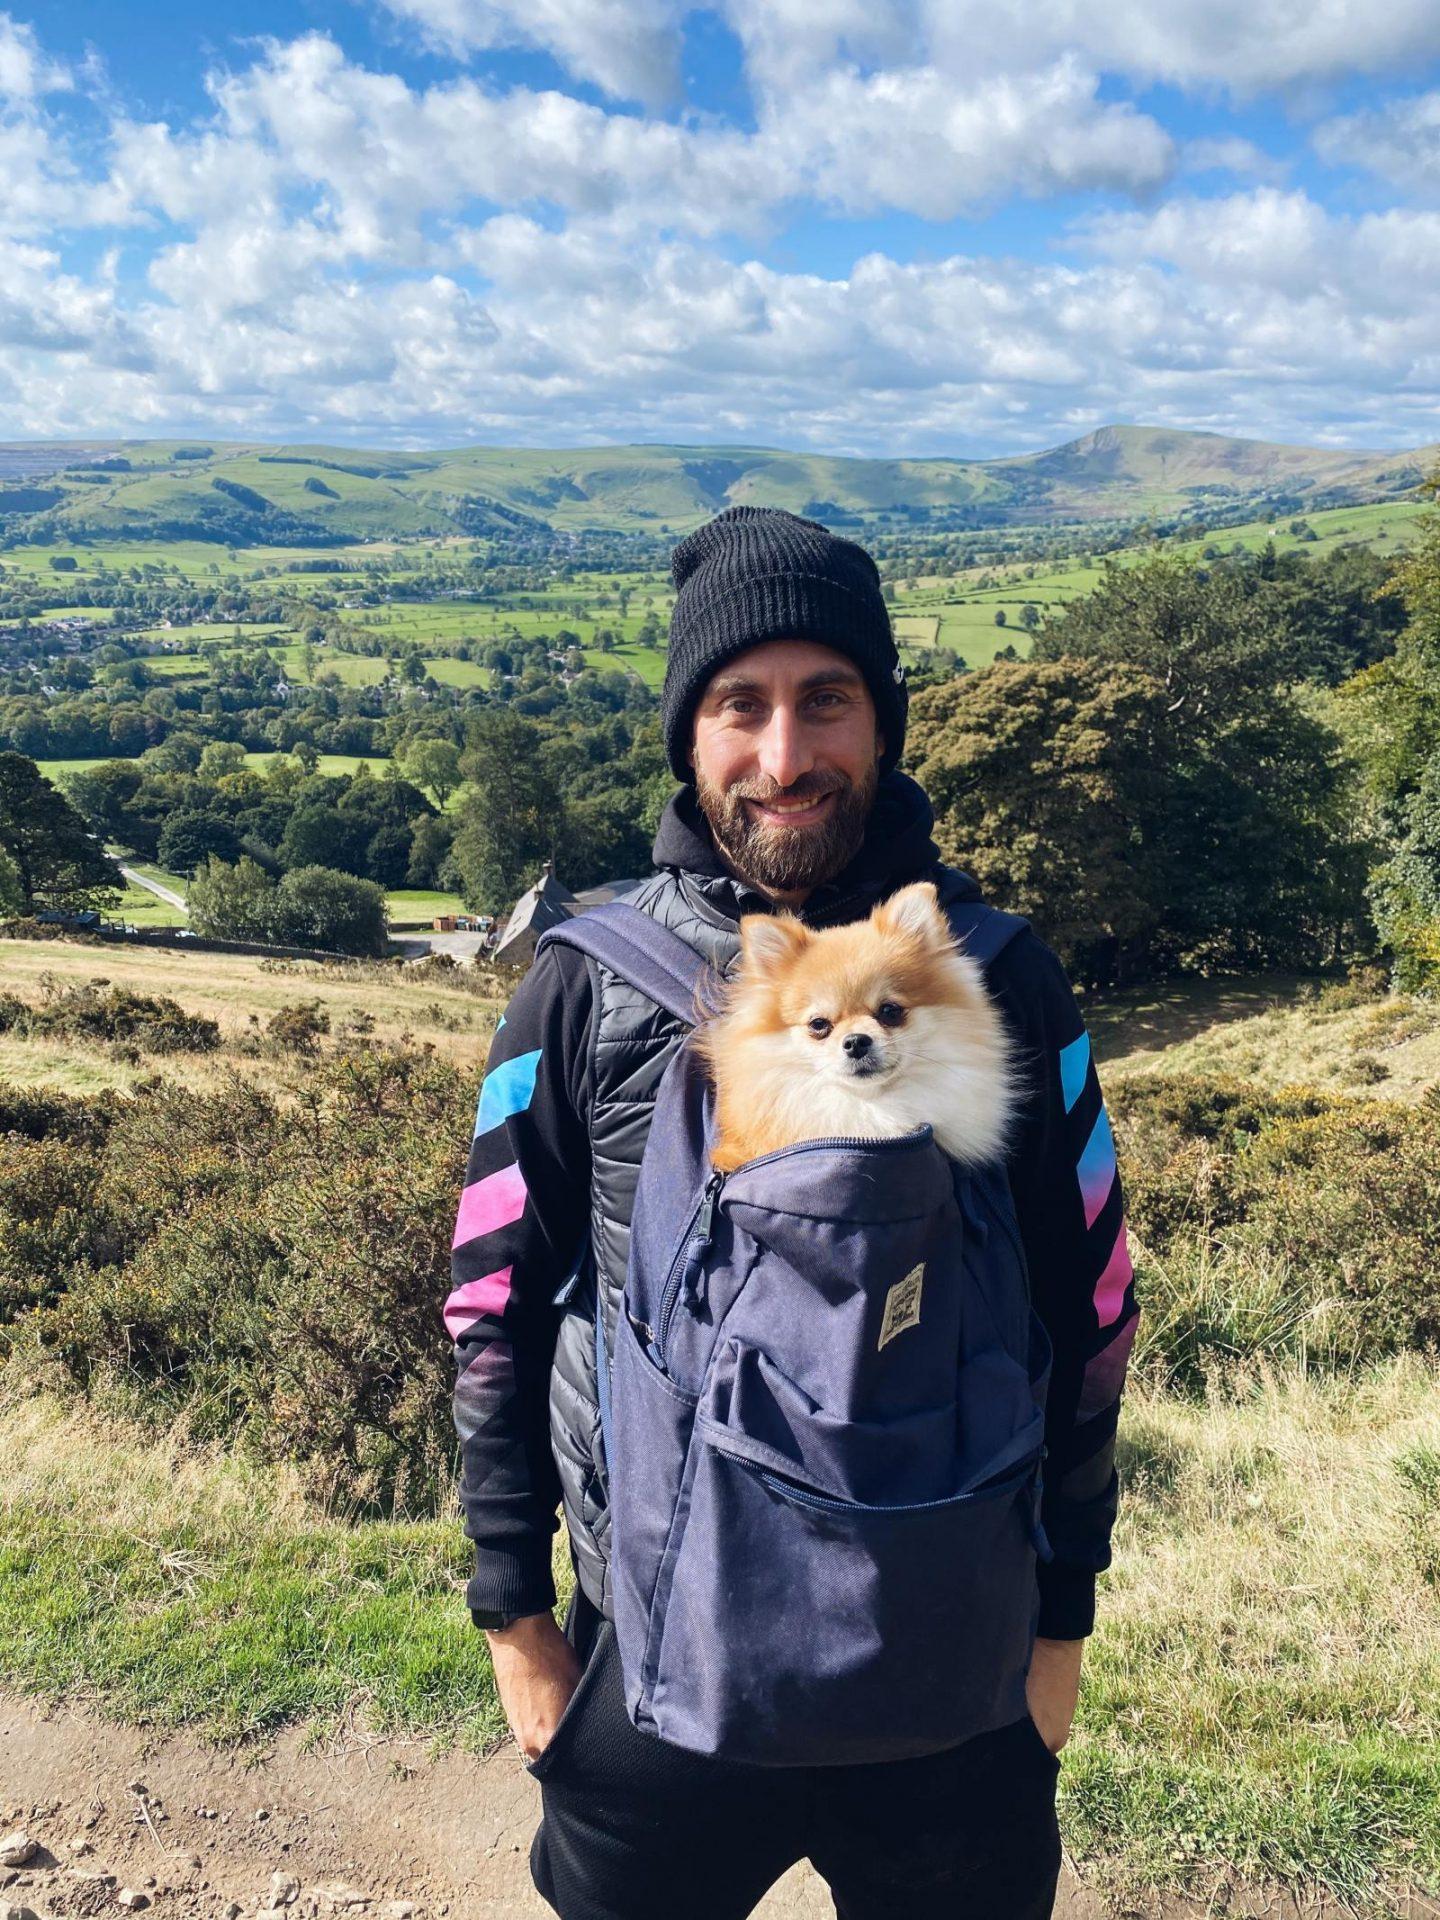 Dog friendly hike